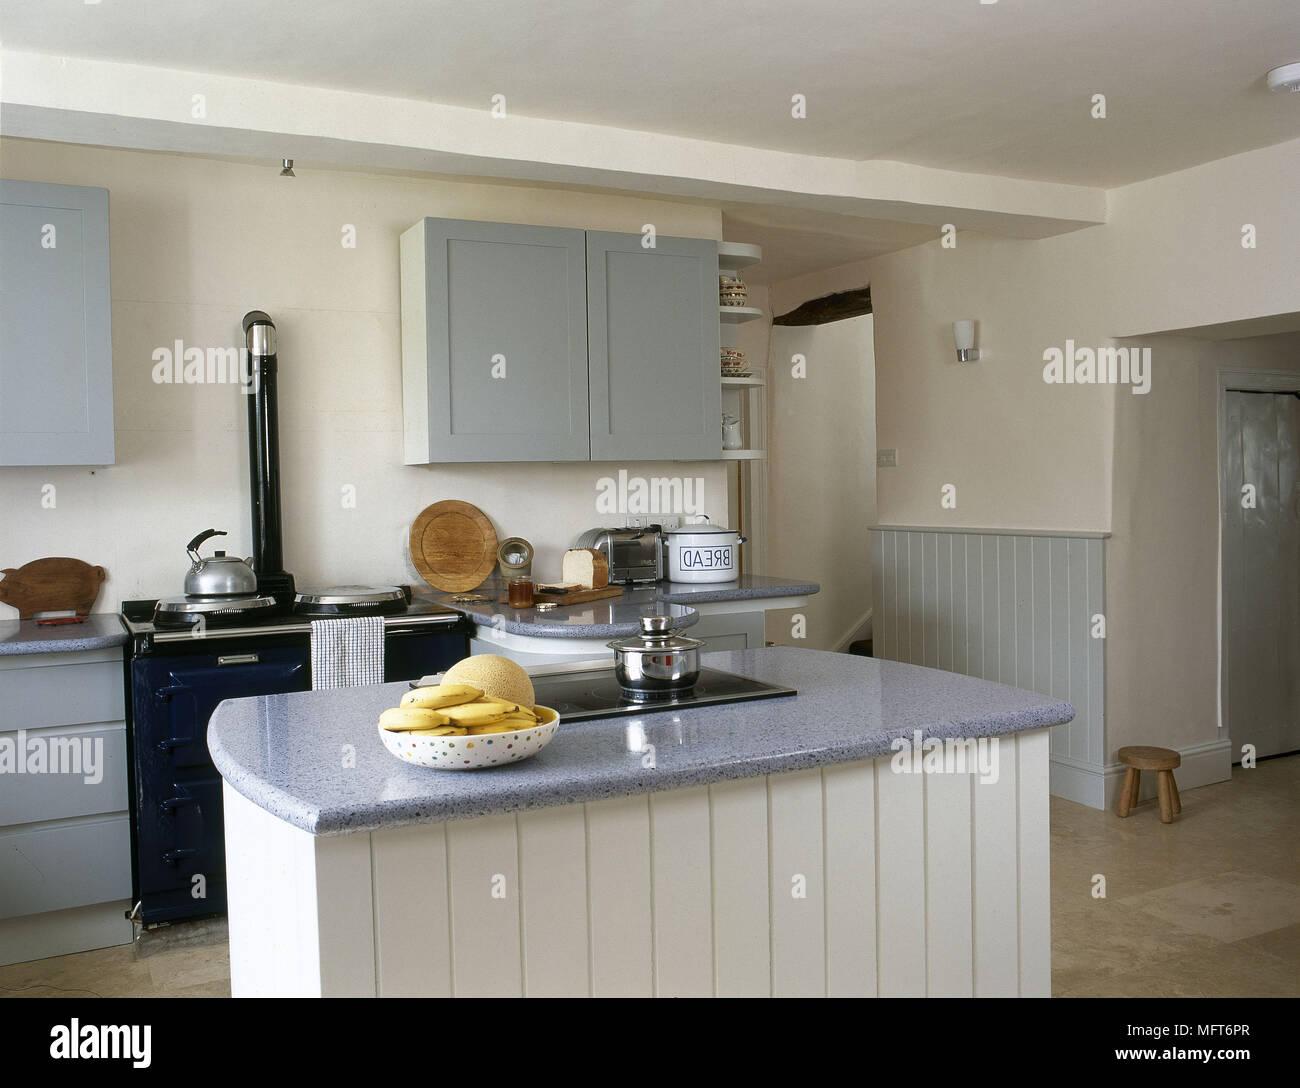 Fantastisch Freistehende Kücheninsel Mit Granit Ideen - Ideen Für ...